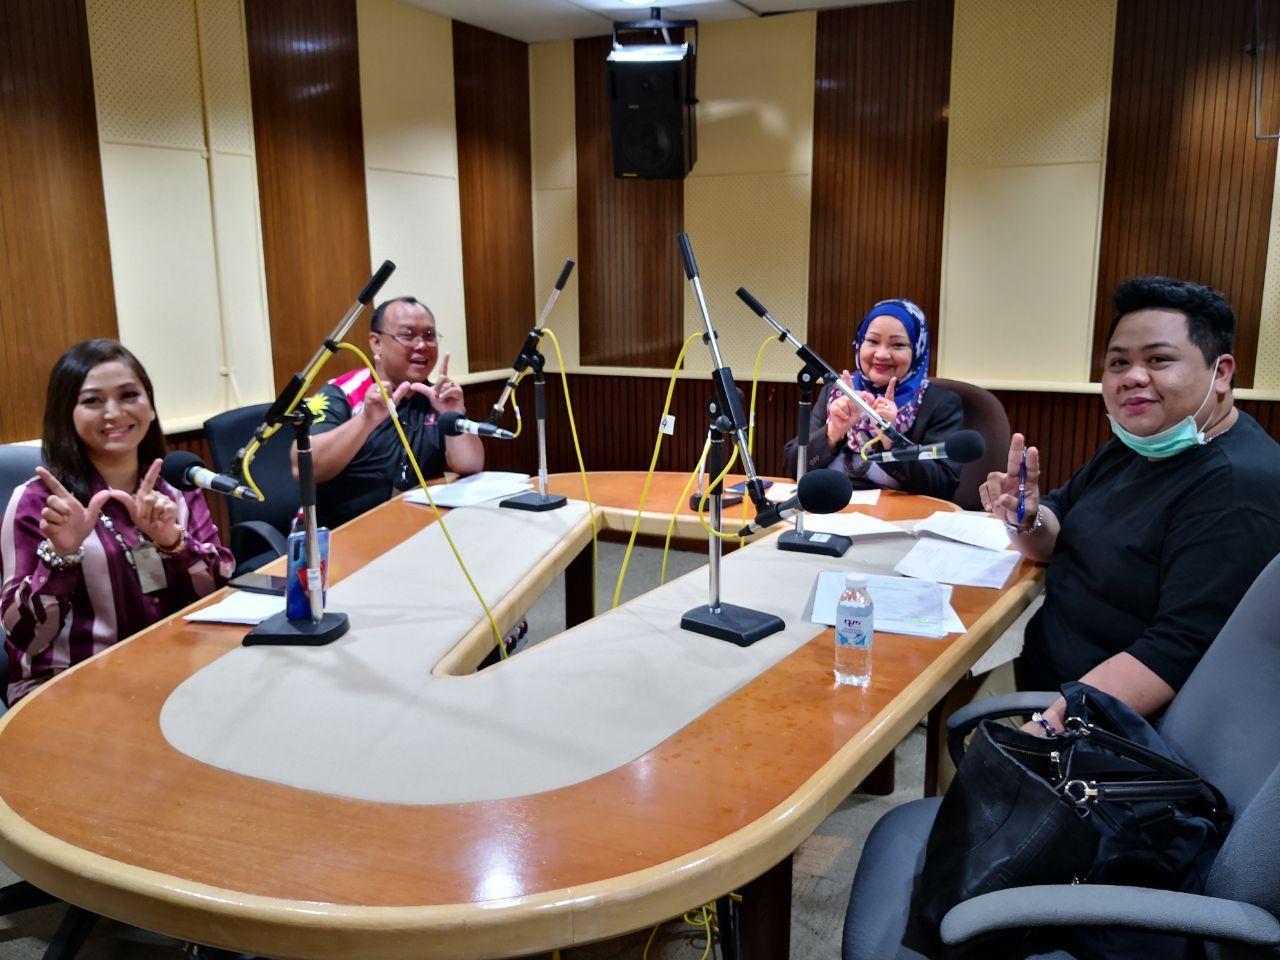 UNTUK KENANGAN...Caroline Peny, Azman Johati, Juruhebah Sarawak FM, Noriah Ahmad, pengarah JWKS, dan Hassnal Hakim Junaidi merakamkan gambar kenangan.